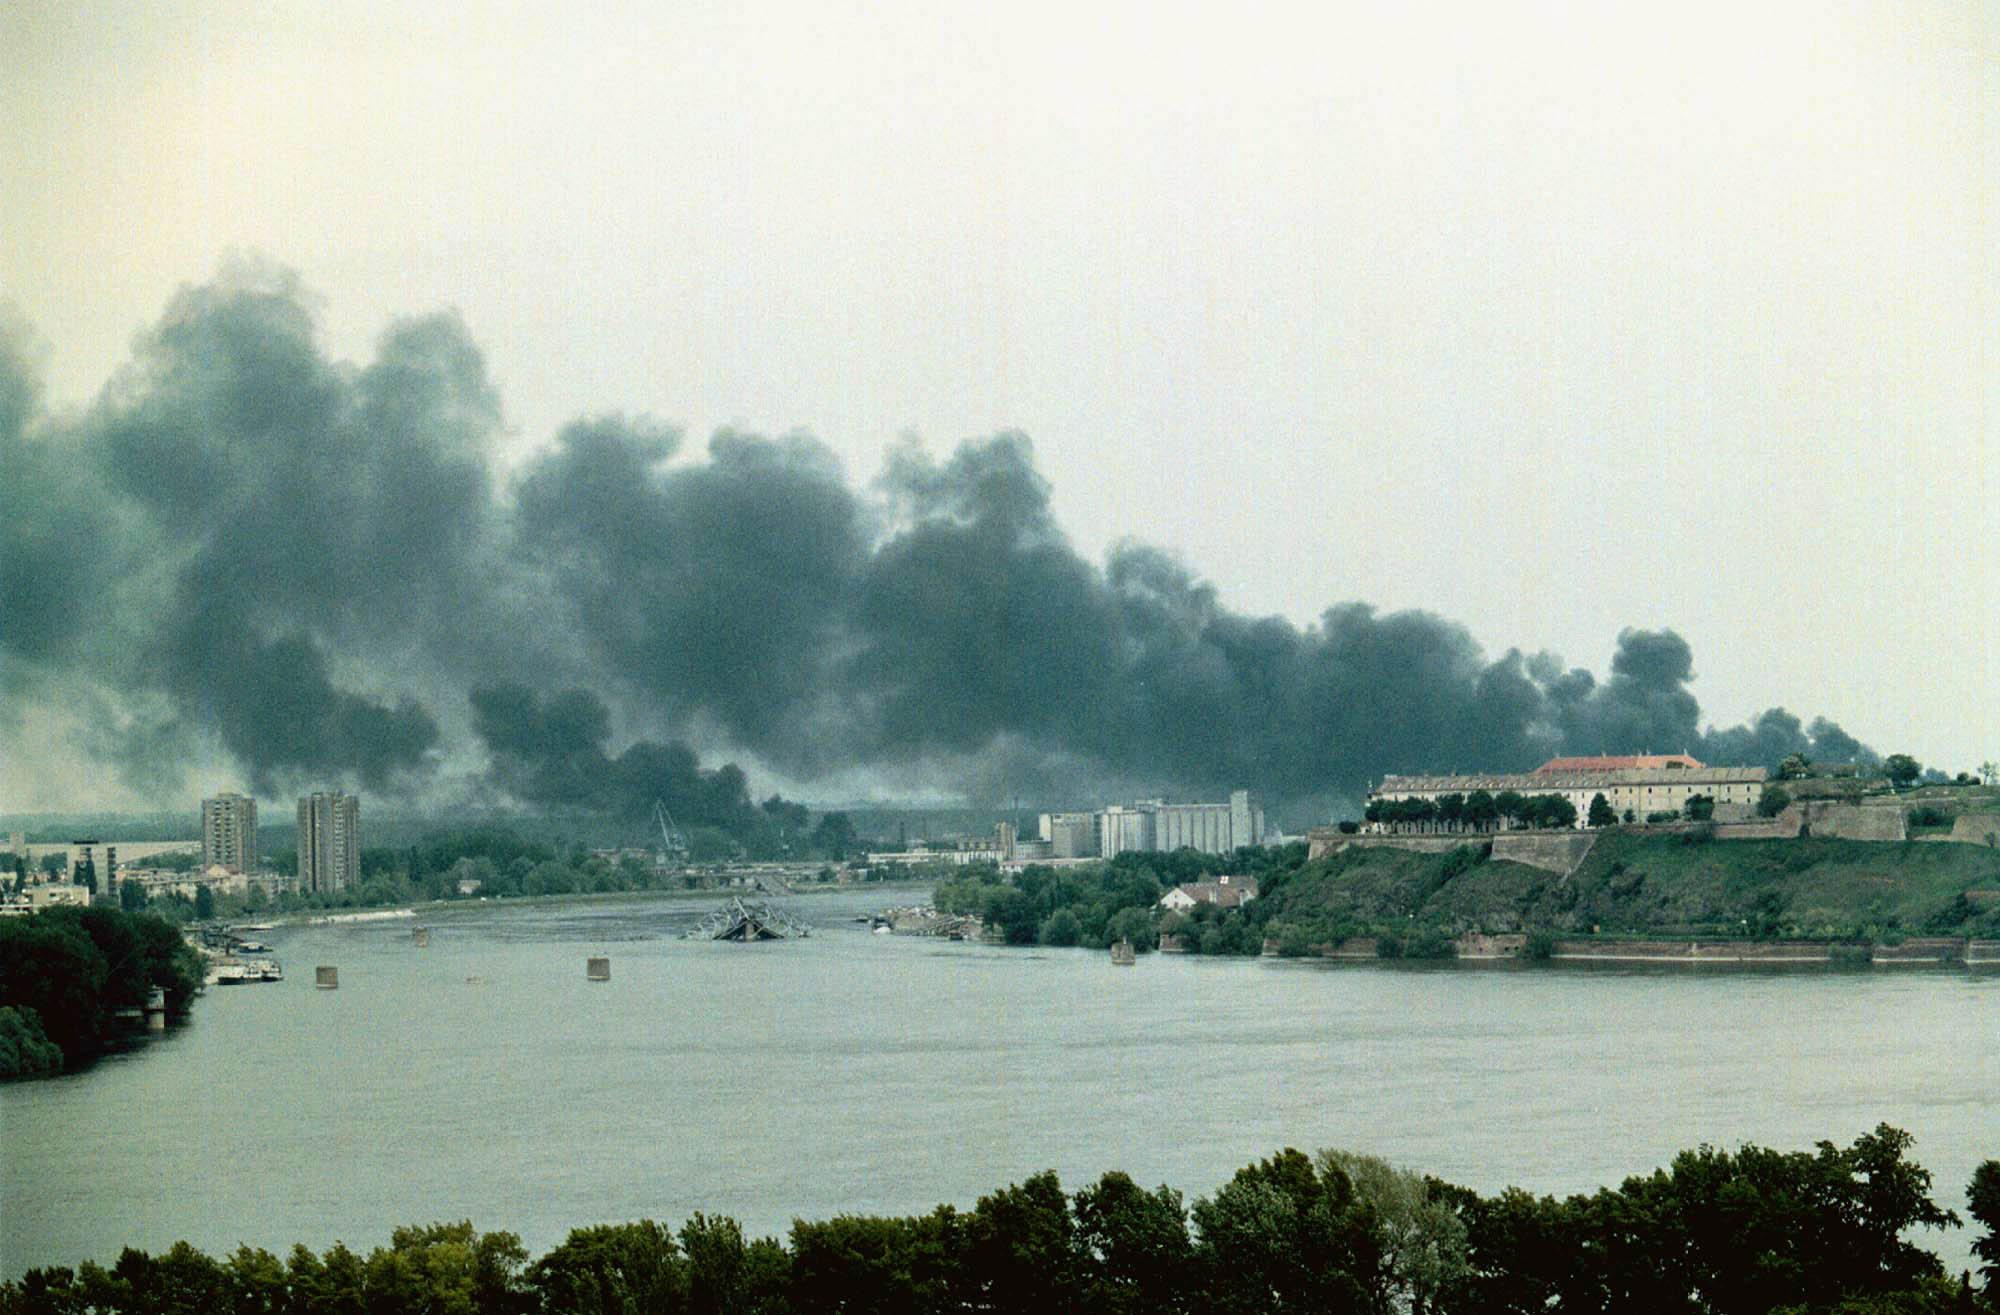 Las consecuencias del bombardeo de la OTAN sobre Novi Sad, a unos 70 kilómetros de Belgrado, en 1999